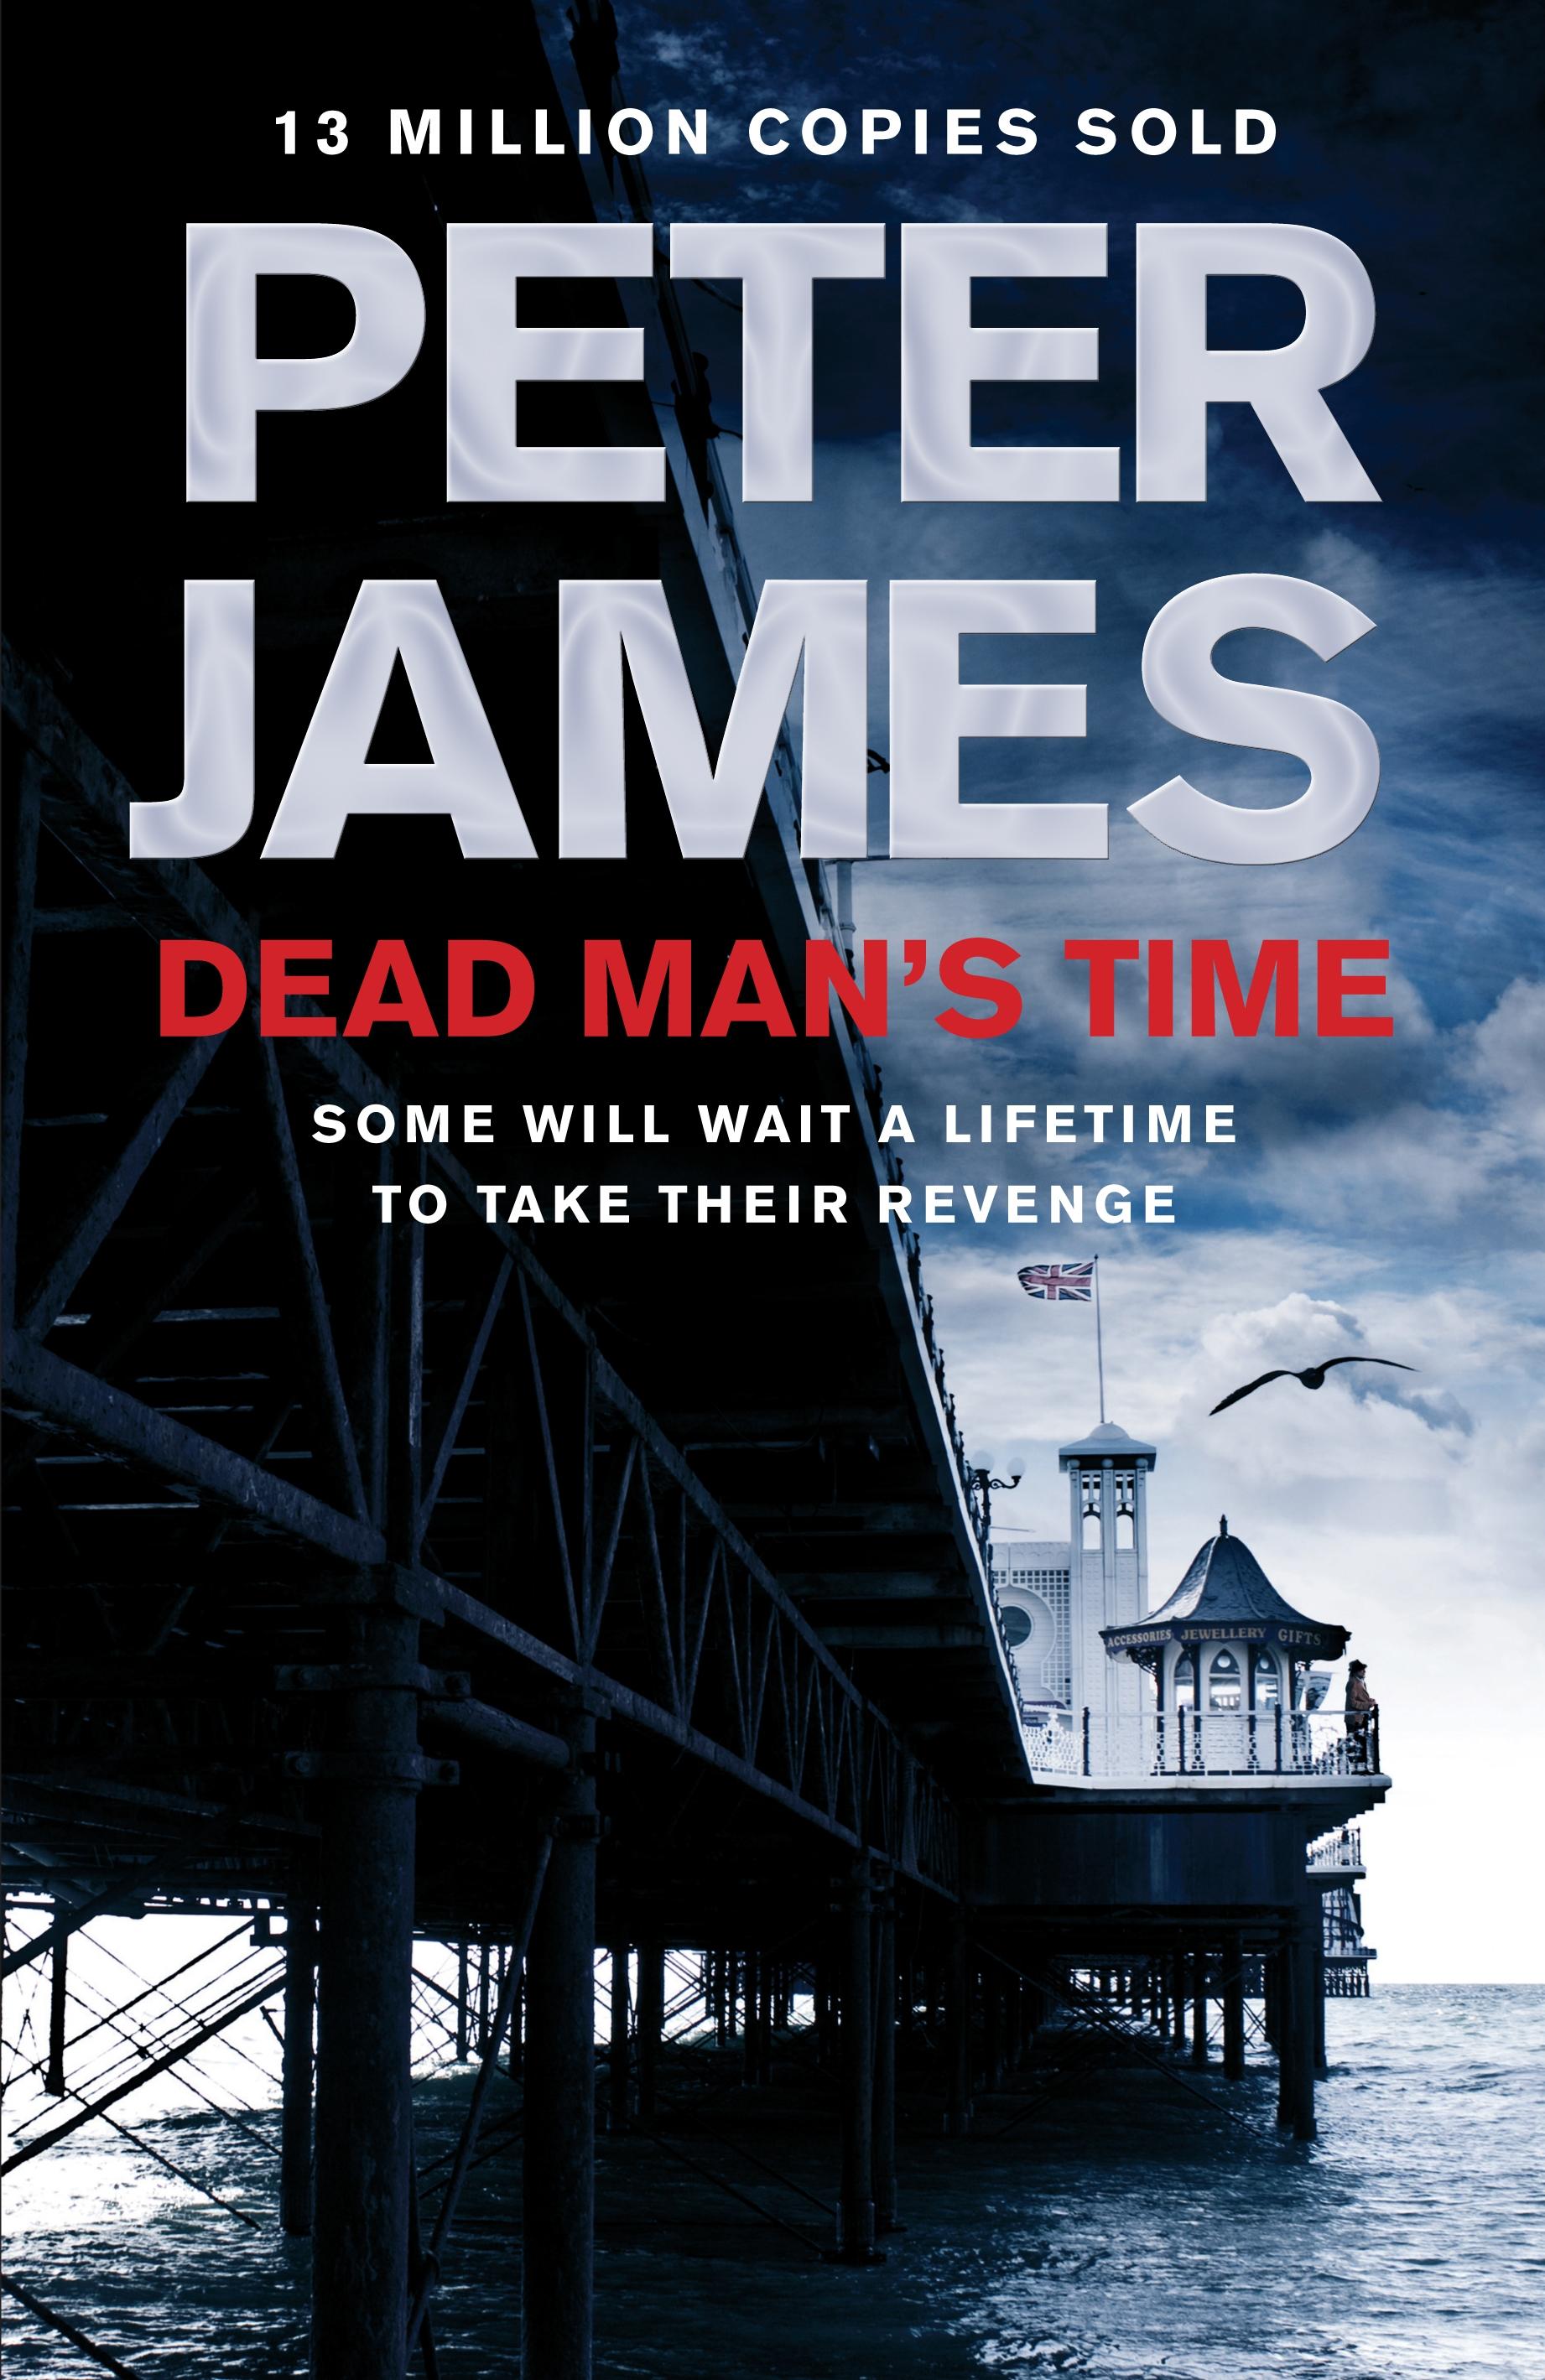 DEAD MAN'S TIME final.JPG